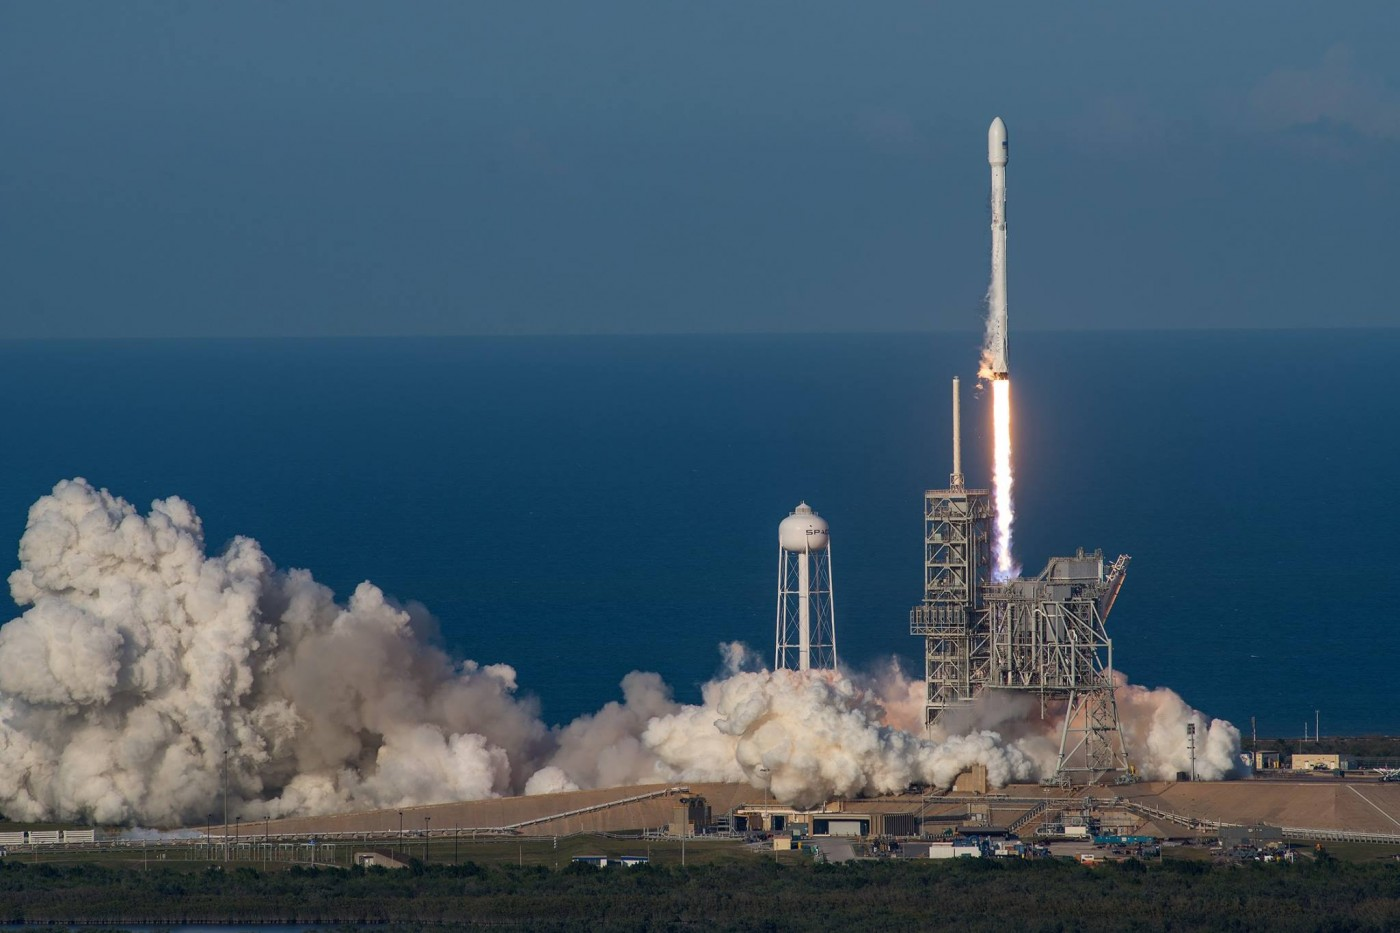 史上第一次!SpaceX終於成功將「回收火箭」再次發射